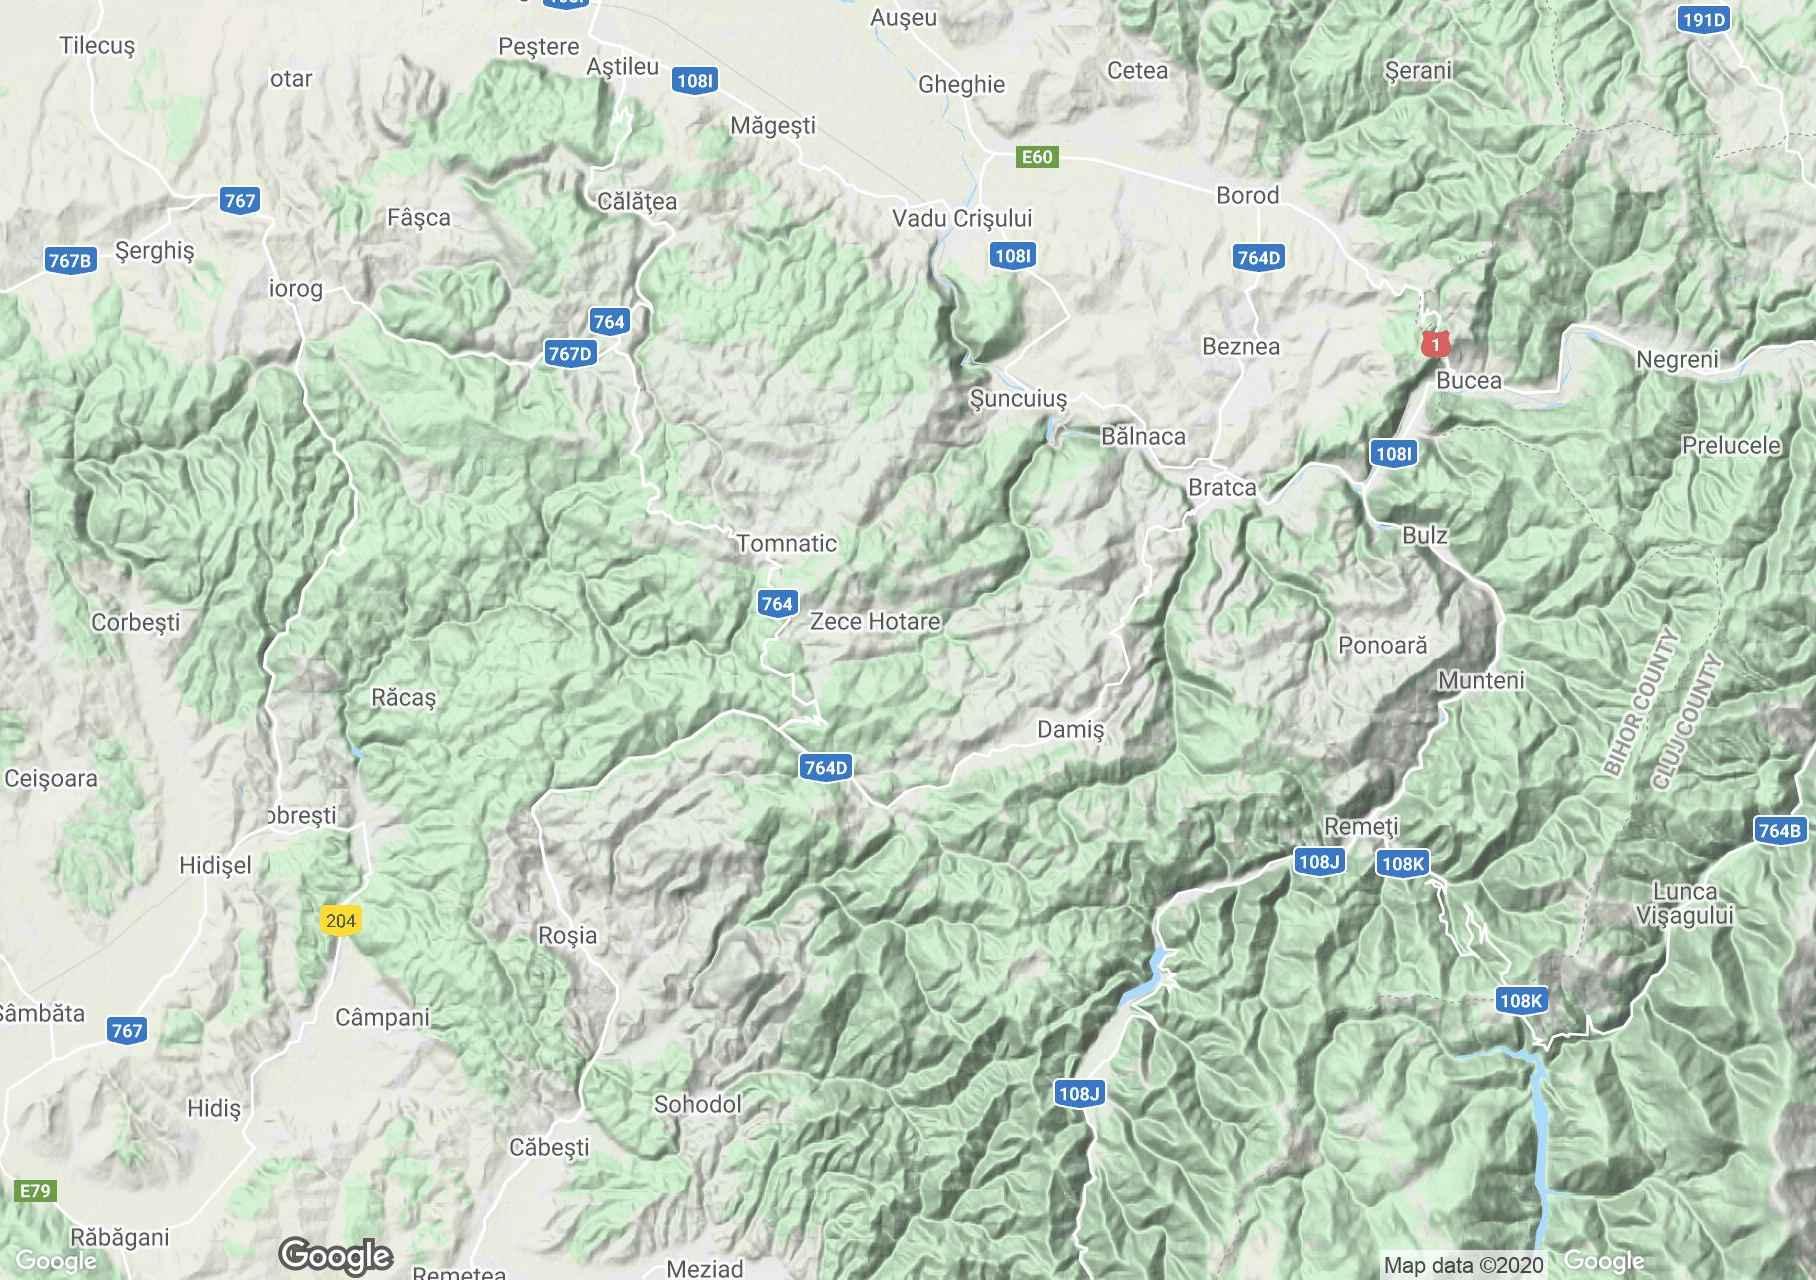 Erdélyi Szigethegység: Királyerdő interaktív turista térképe.